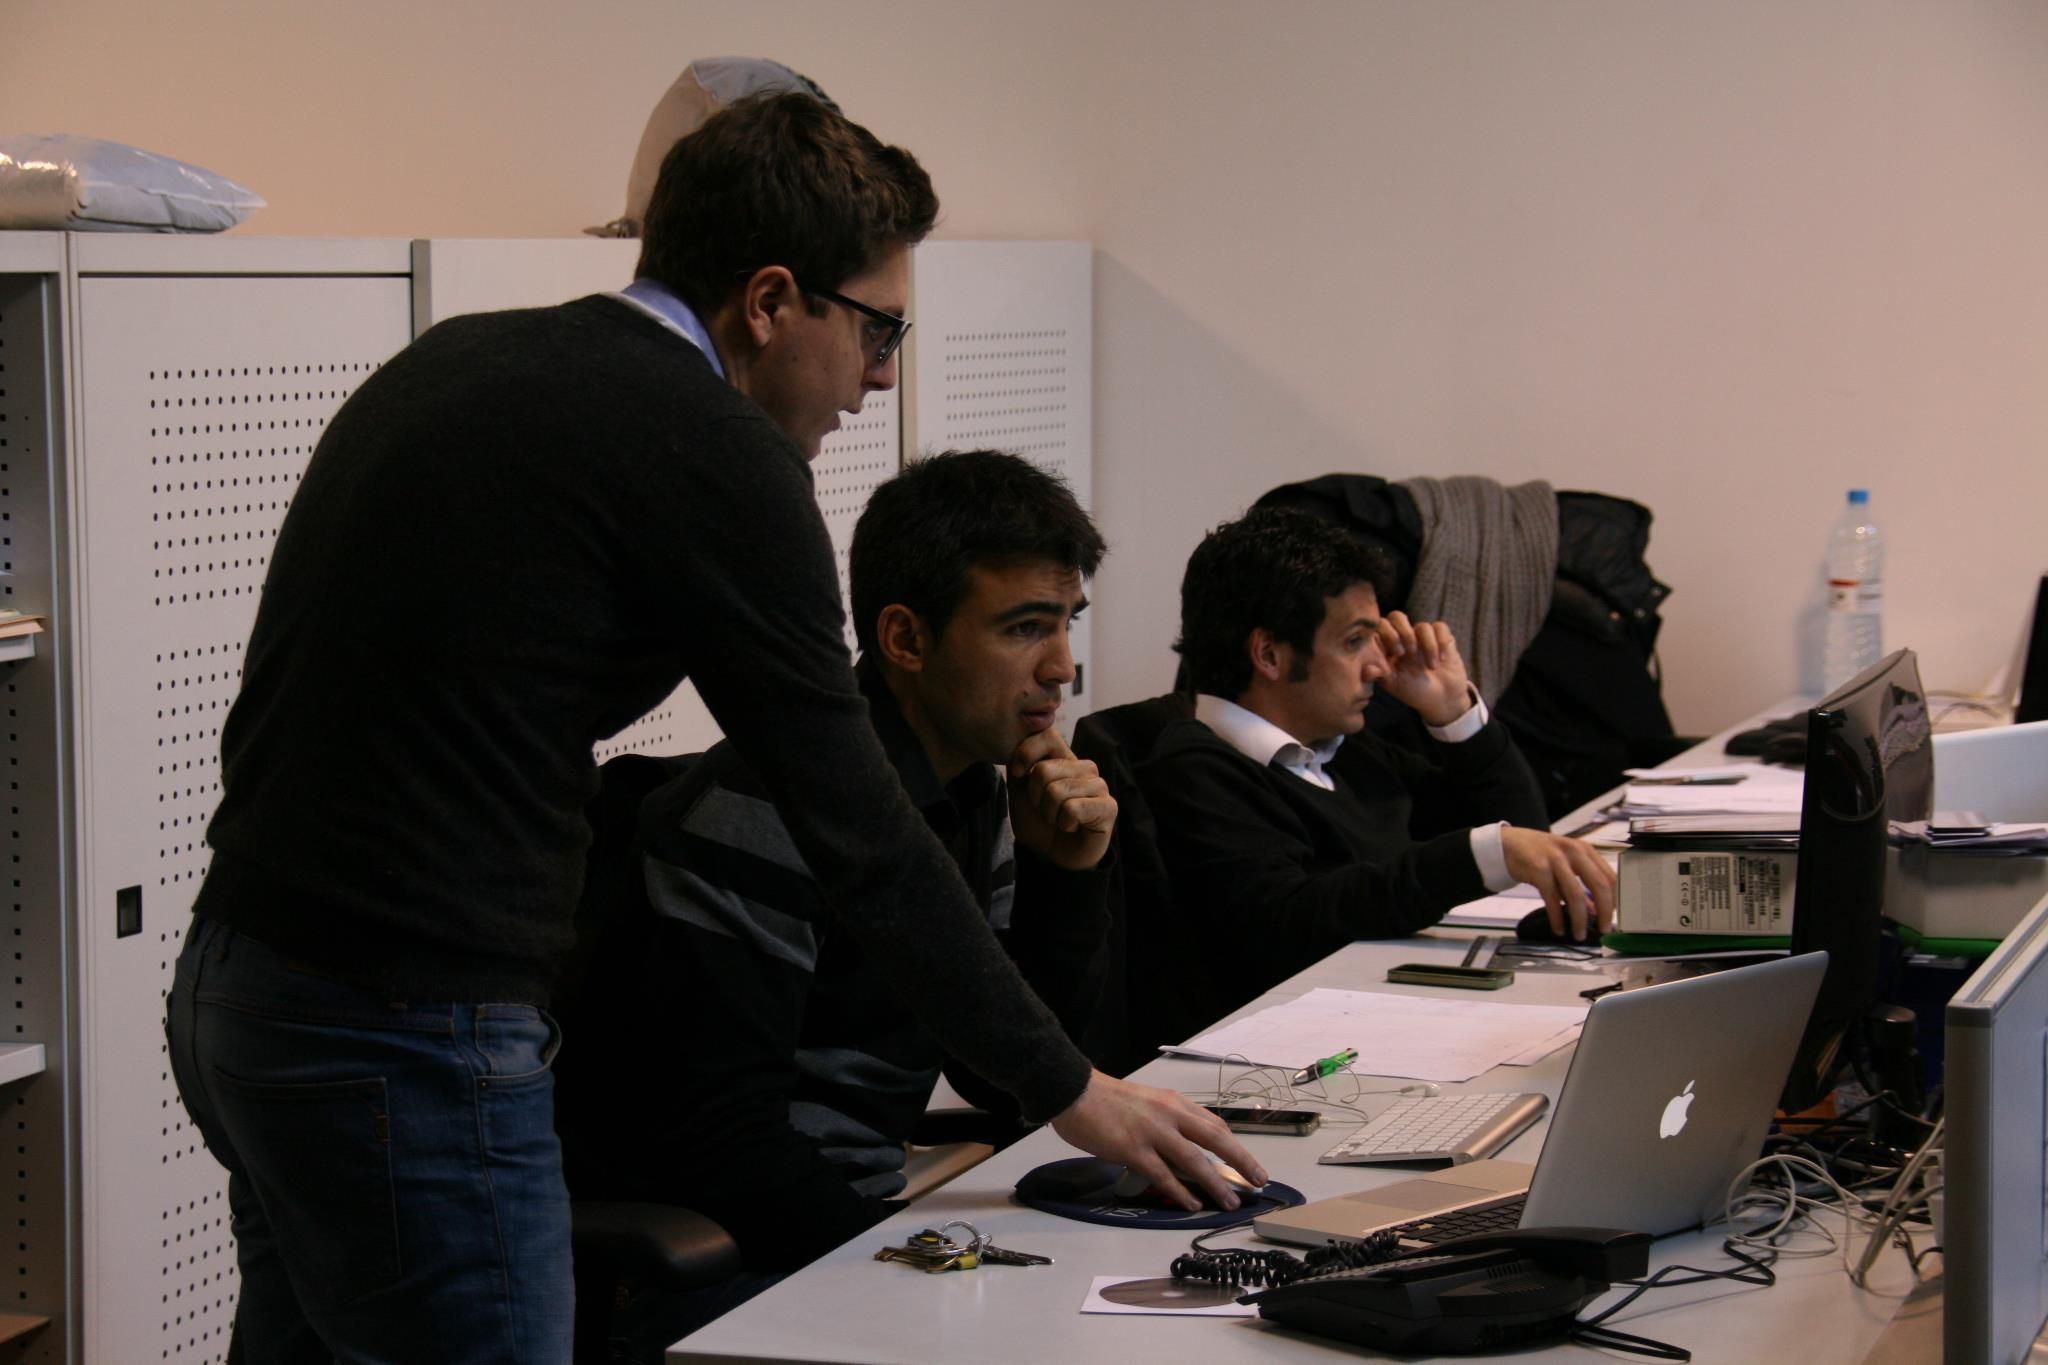 Dani Cordoba @danics86, departamento creativo, y Jordi Rius #jriusbcn en plena producción